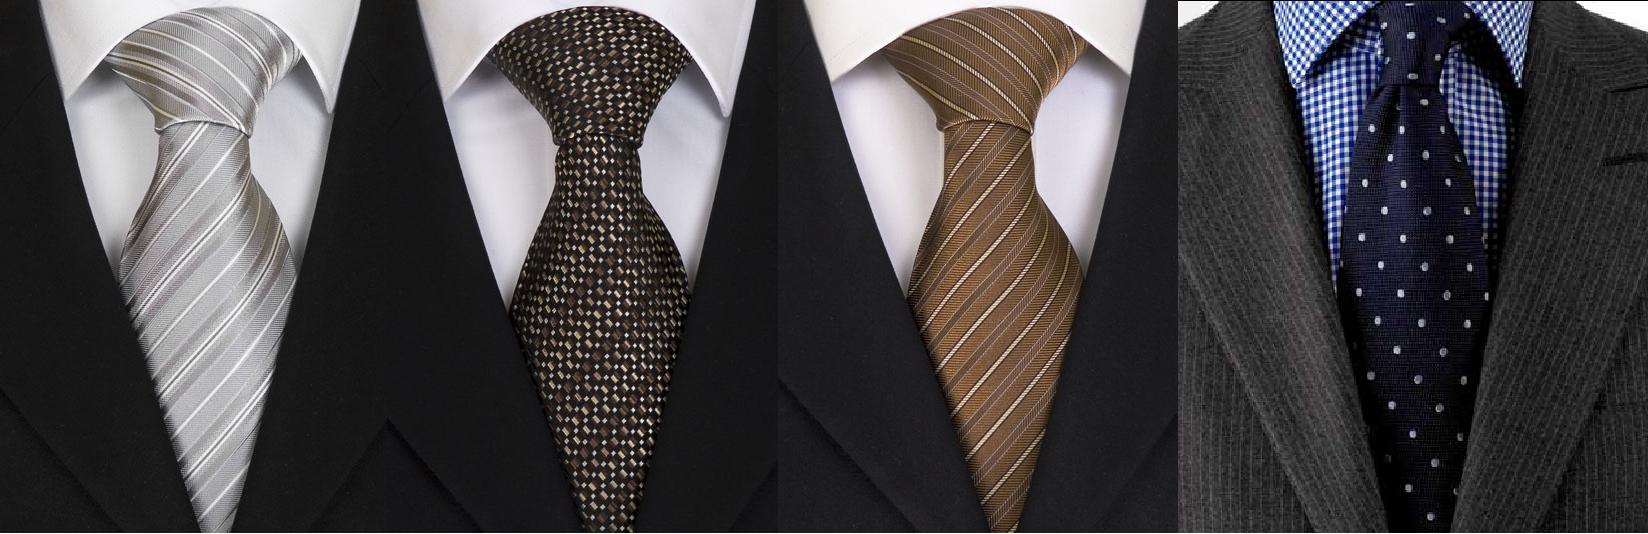 cravates-business